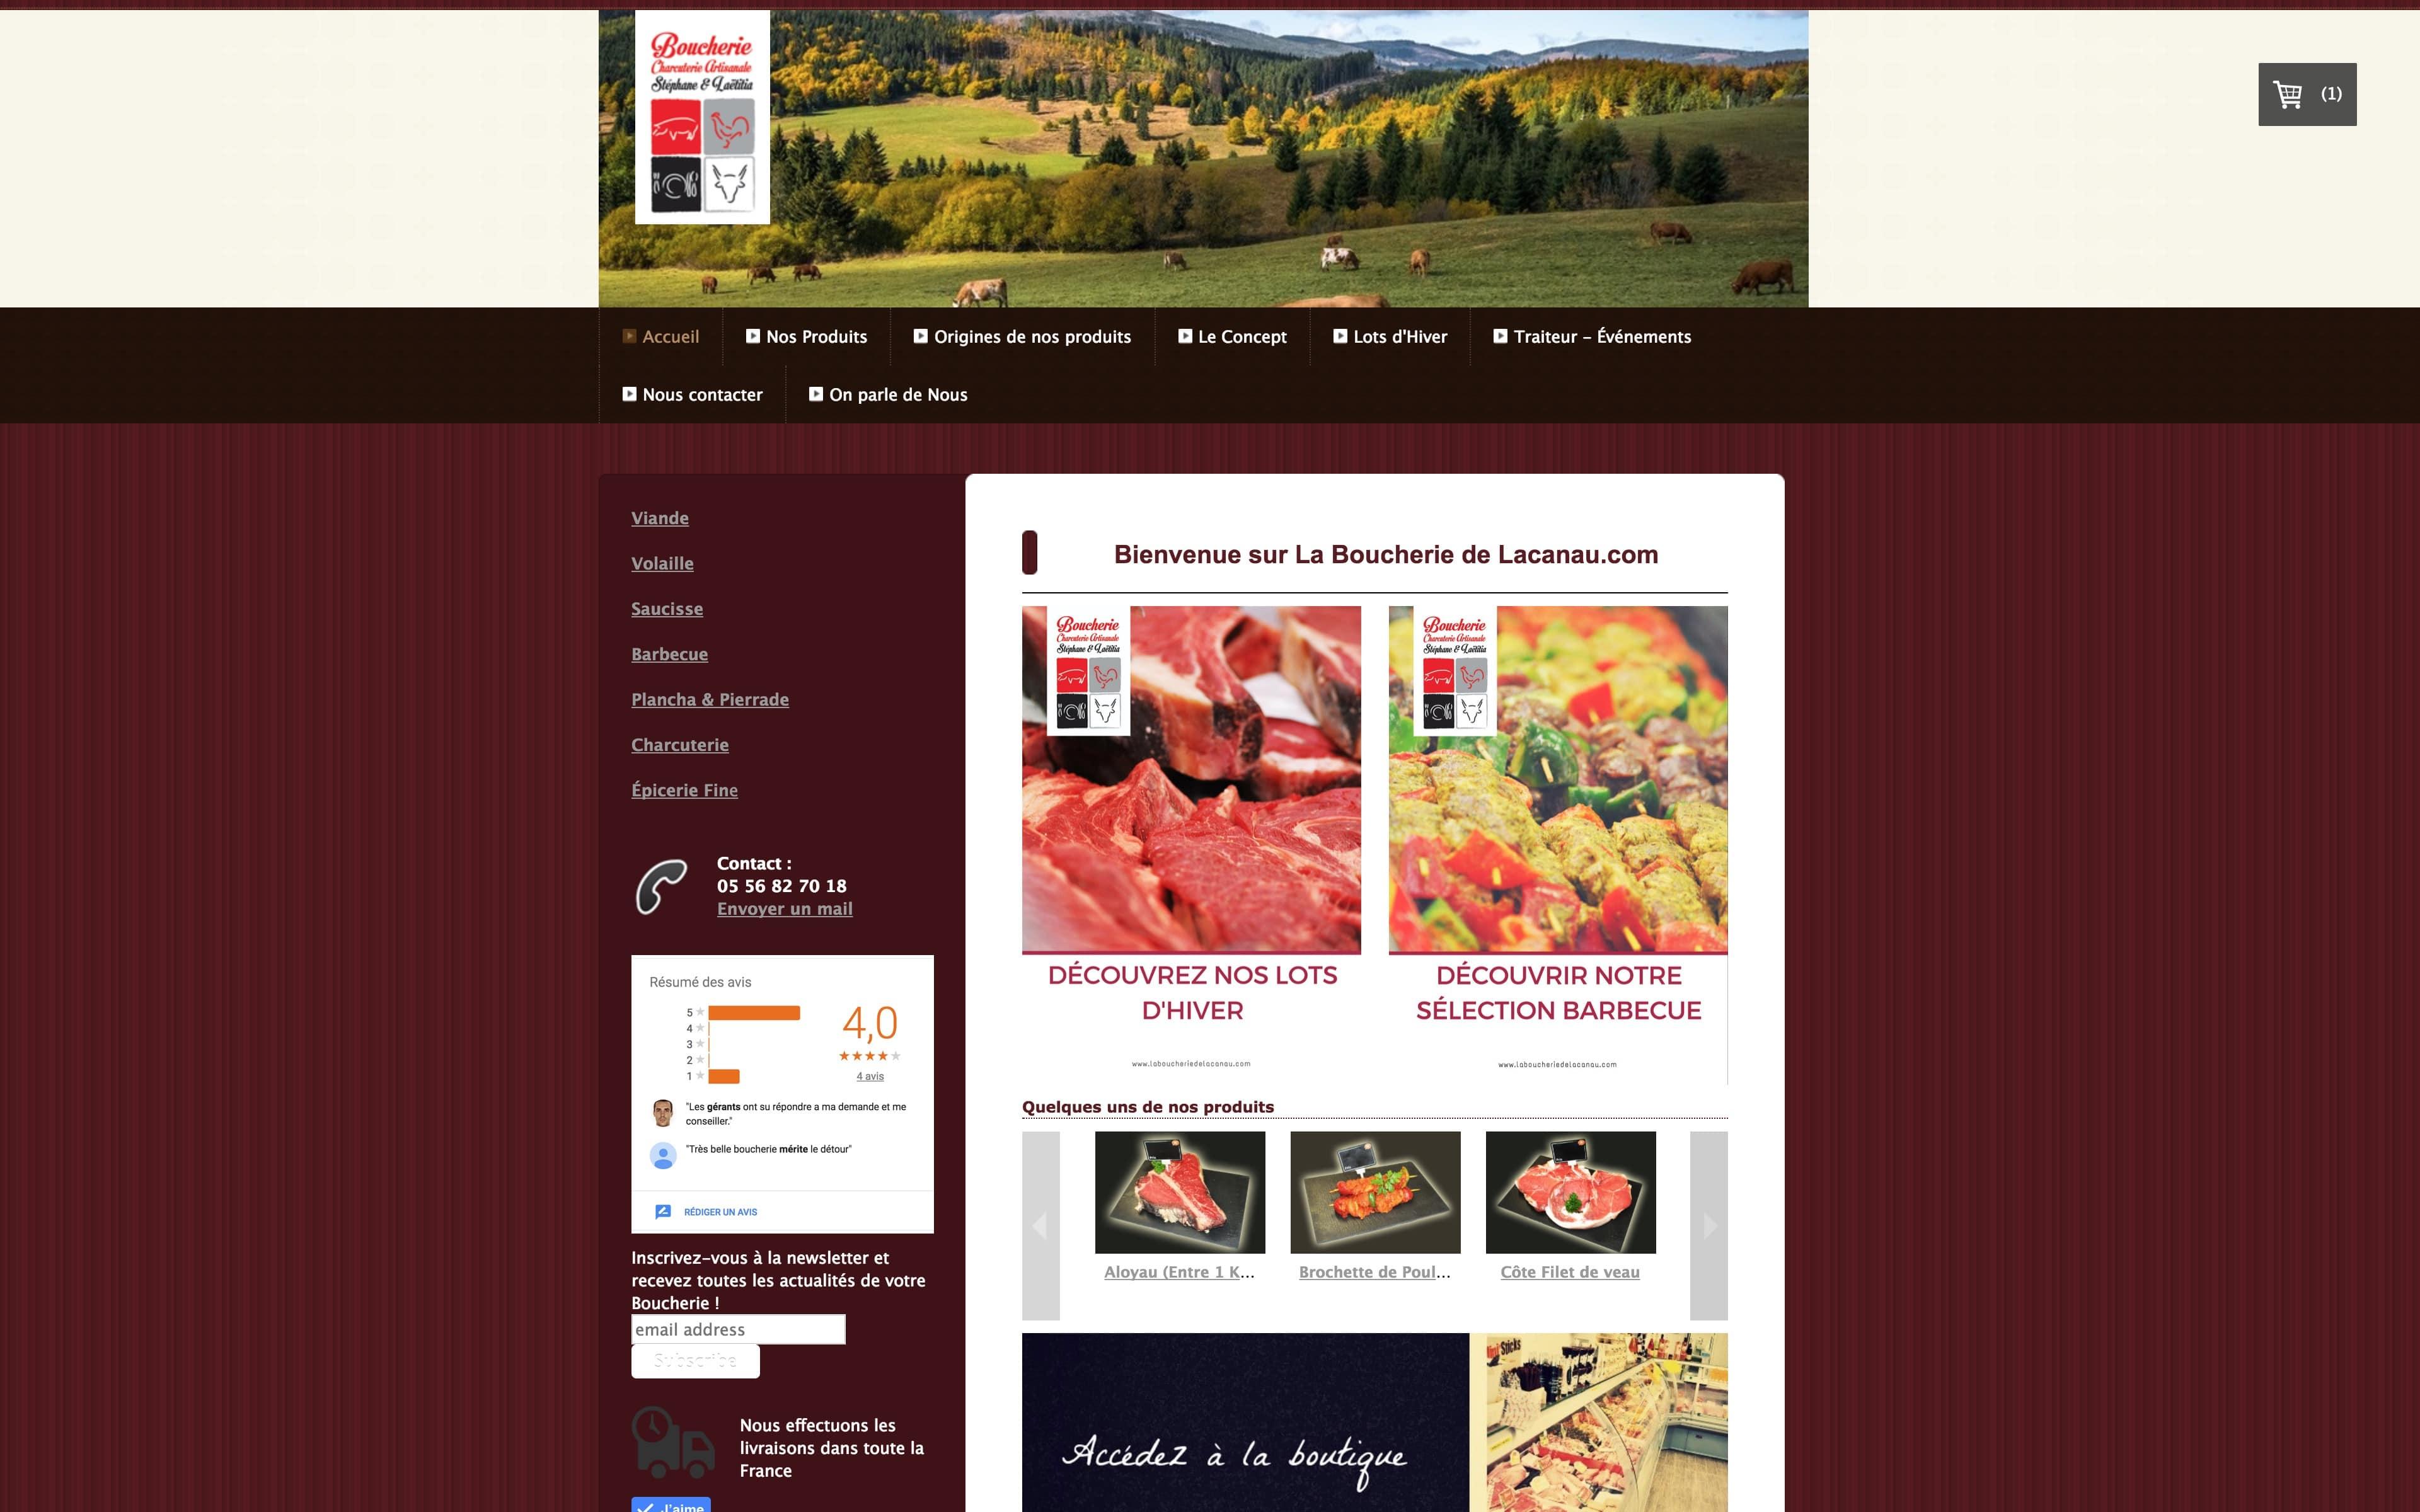 Page d'accueil du site internet La Boucherie de Lacanau